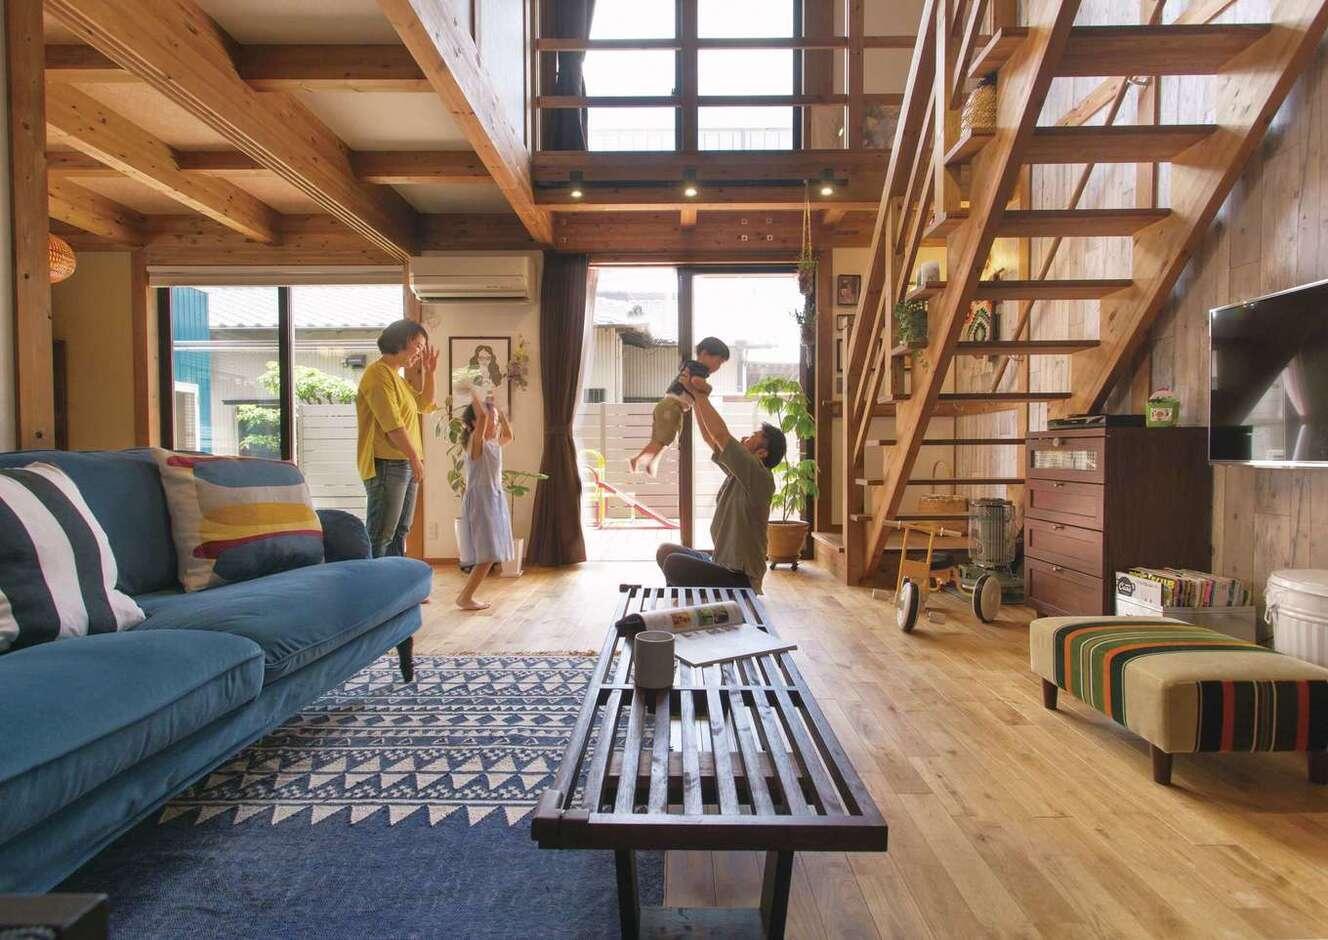 サイエンスホーム甲府店・笛吹店【デザイン住宅、自然素材、省エネ】開放感あふれる吹抜けのリビング。目線がタテ・ヨコに抜けるので、実面積よりも広く感じられる。無垢のダークウォールナットの床とアンティーク調の家具がマッチして、イメージ通りの心地いい空間に仕上がった